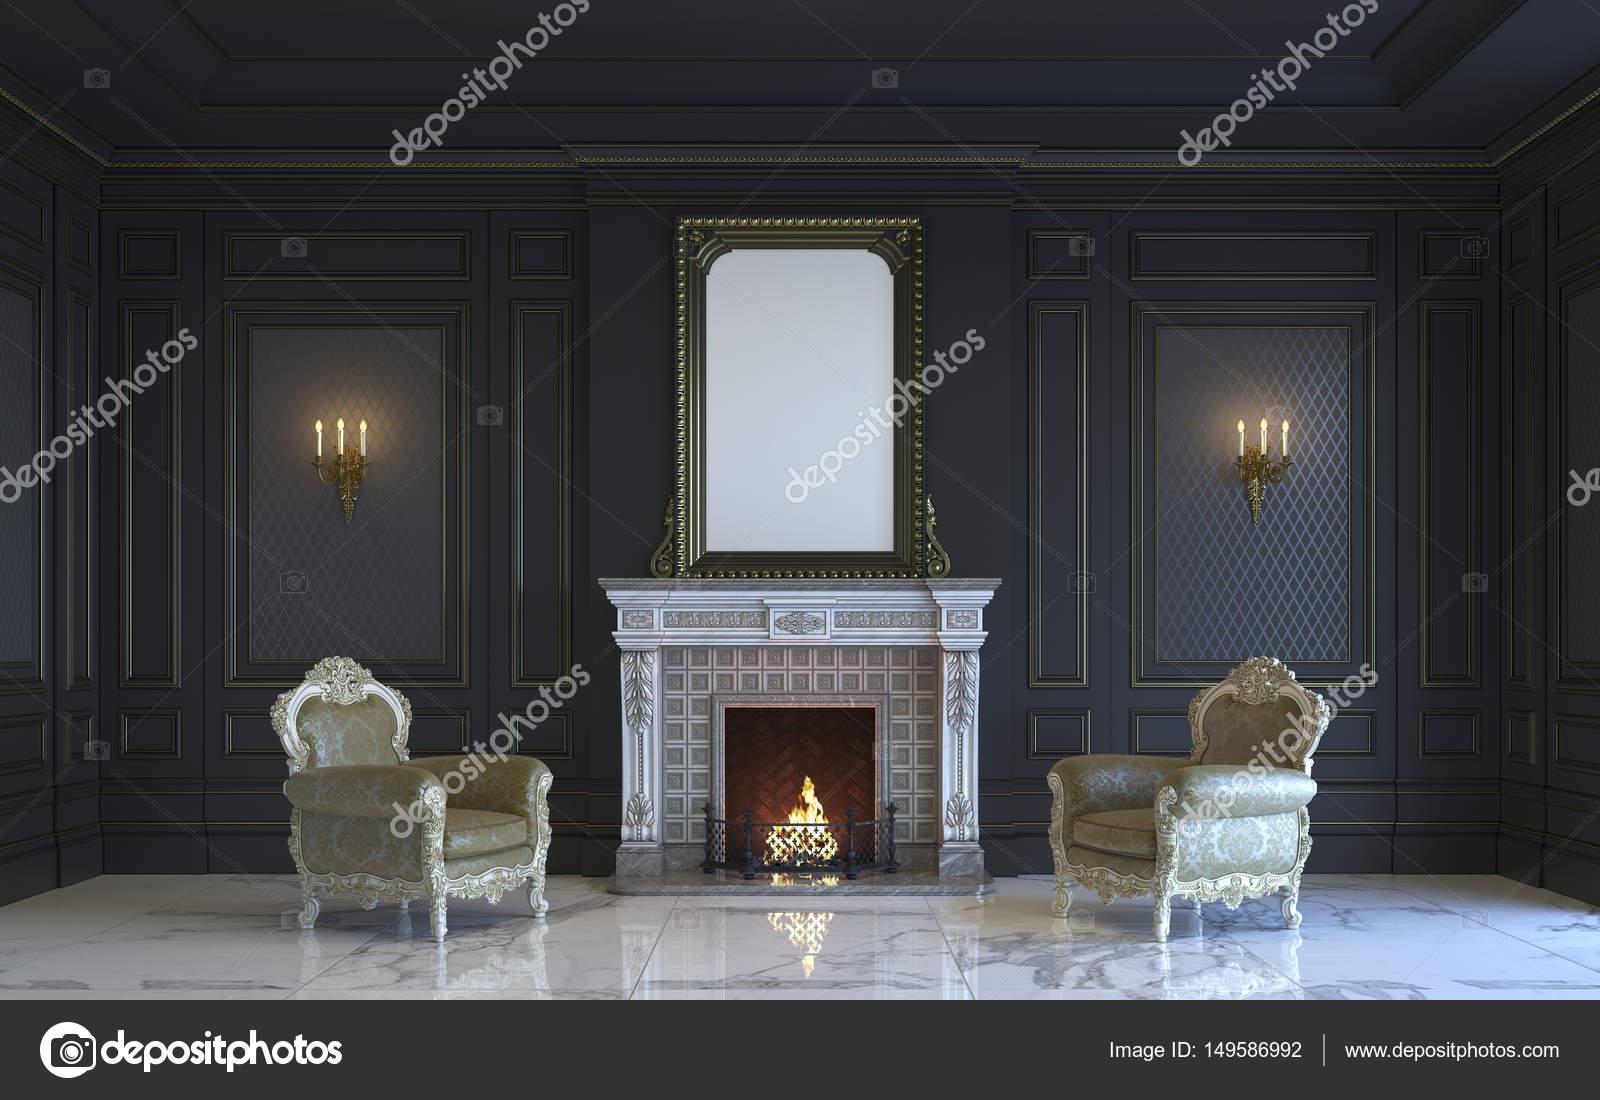 Een Klassiek Interieur : Een klassieke interieur is in donkere tinten met open haard d